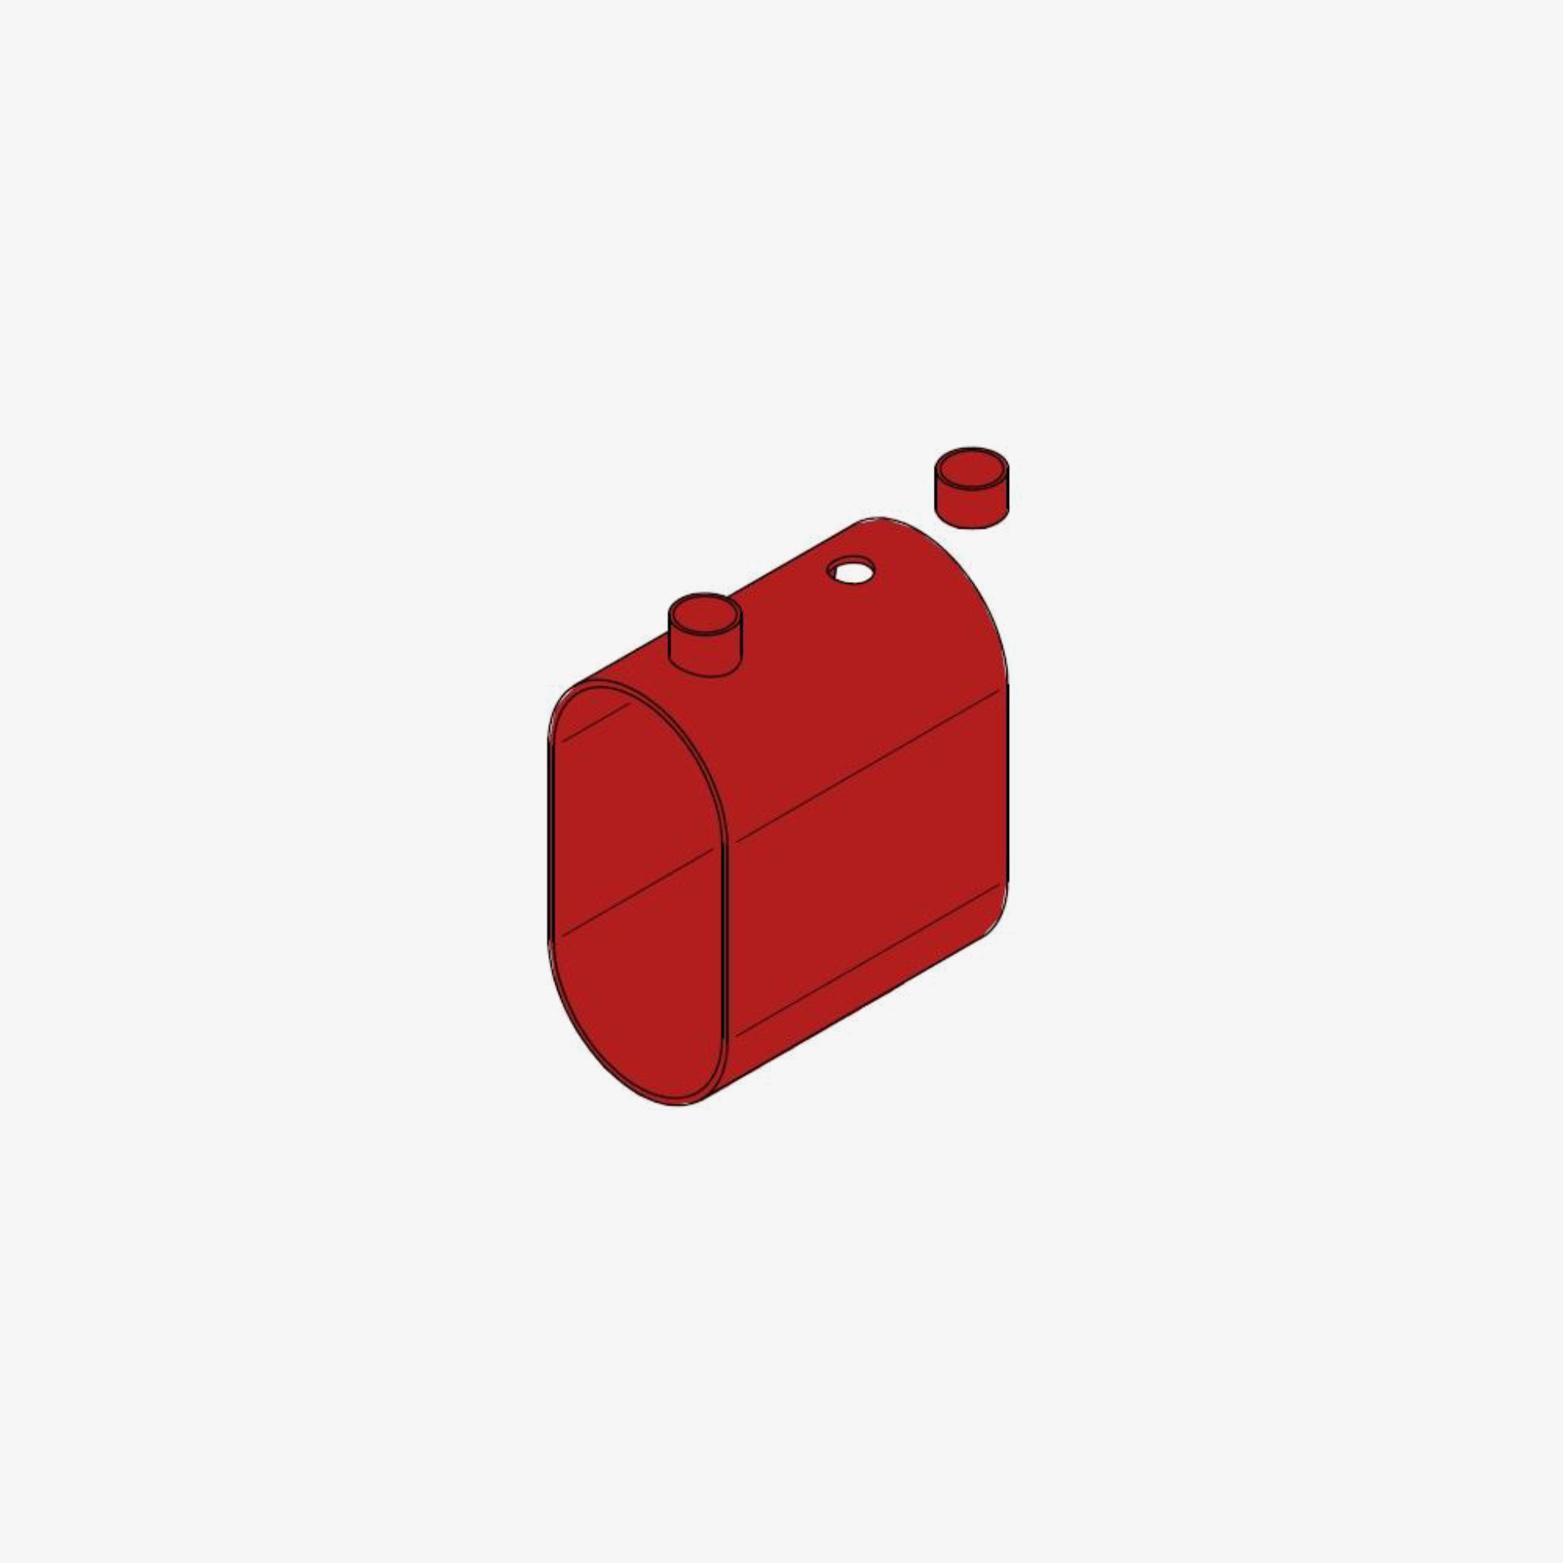 Rahmen Form C, oval, VG88700-3 mit Vergießöffnungen hochkant